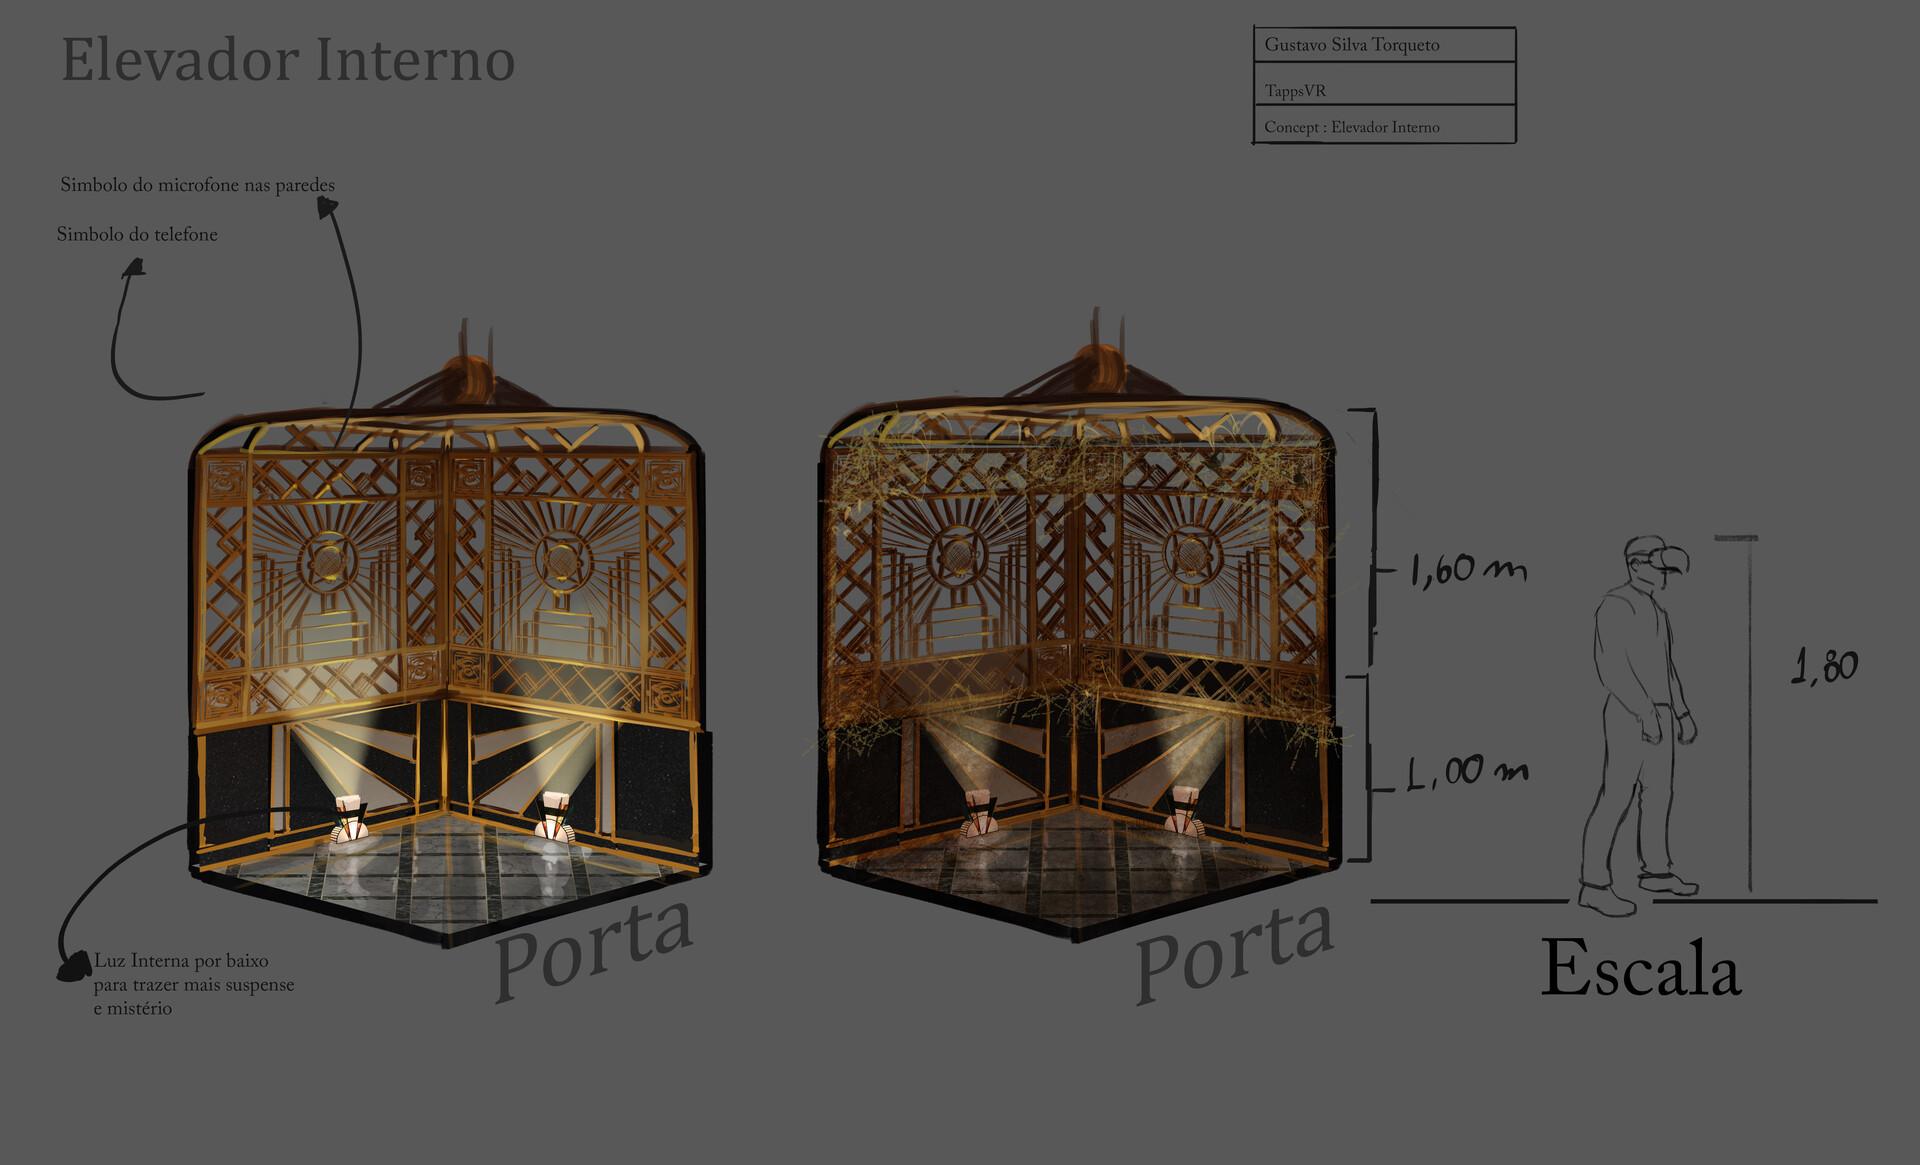 Gustavo torqueto elevadorrenderproporcao2